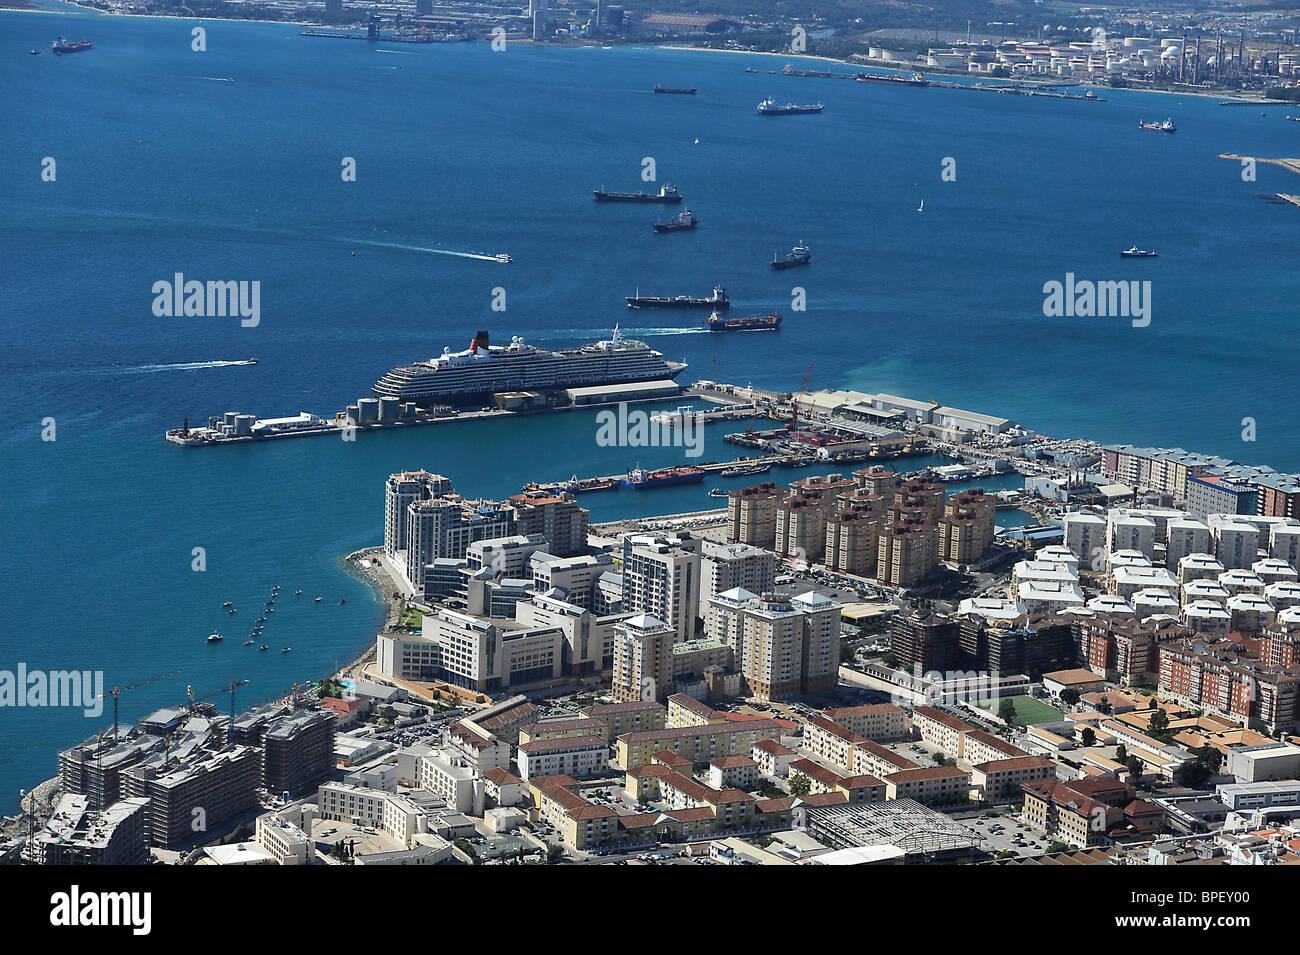 Hafen von Gibraltar, Habour of Gibraltar, Habor of Gibraltar - Stock Image